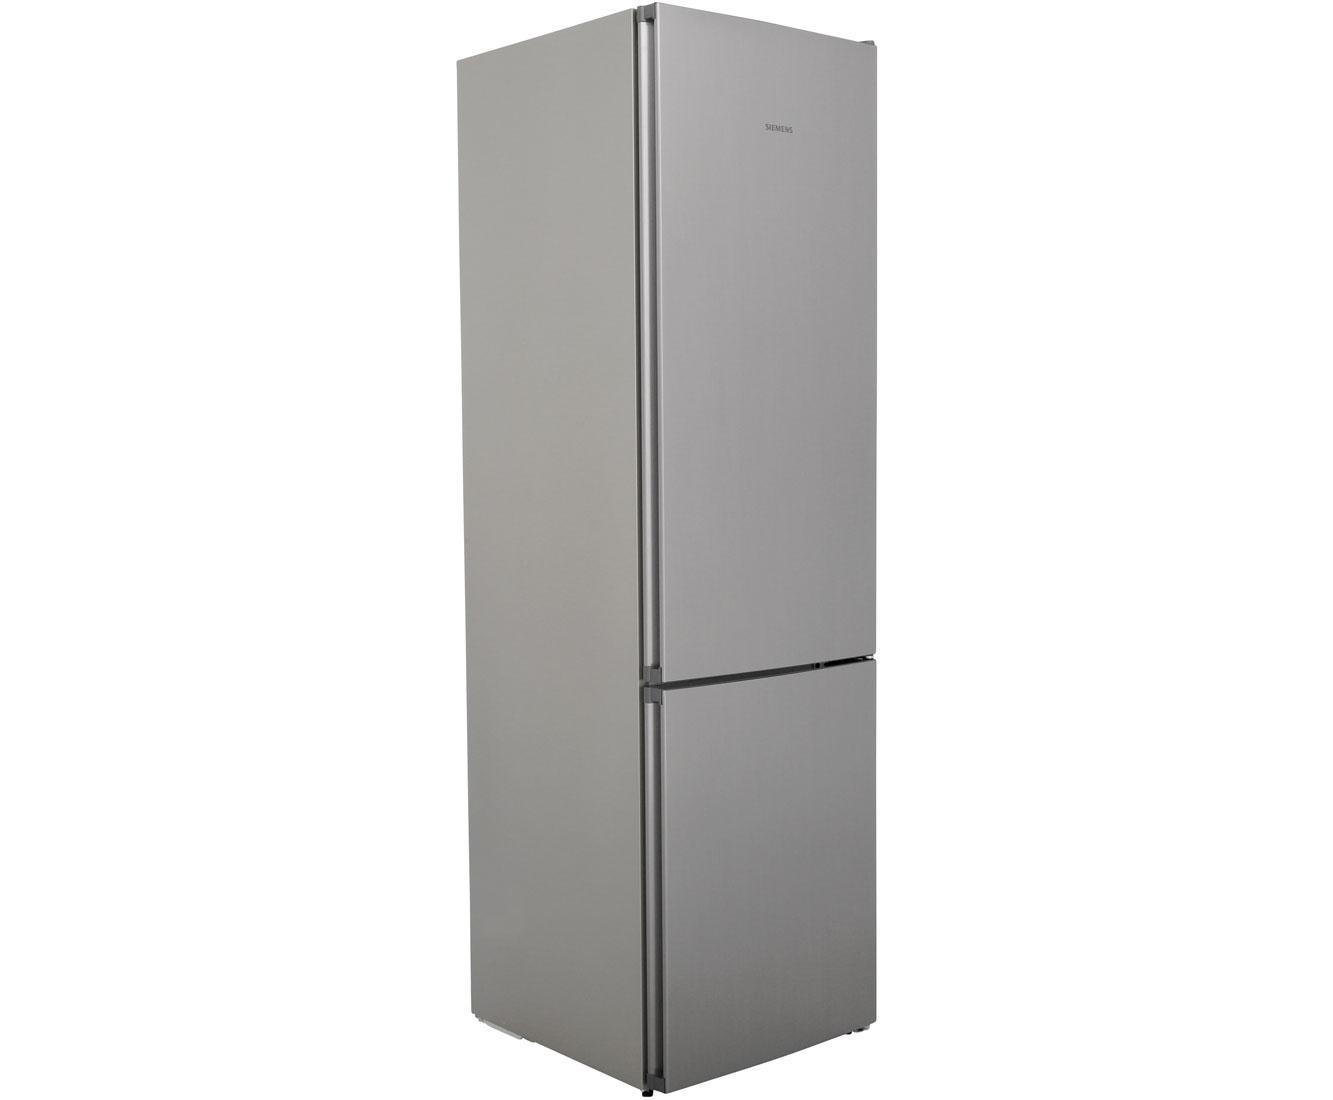 Siemens Kühlschrank Hyperfresh : Siemens iq kg nvl kühl gefrierkombination mit no frost